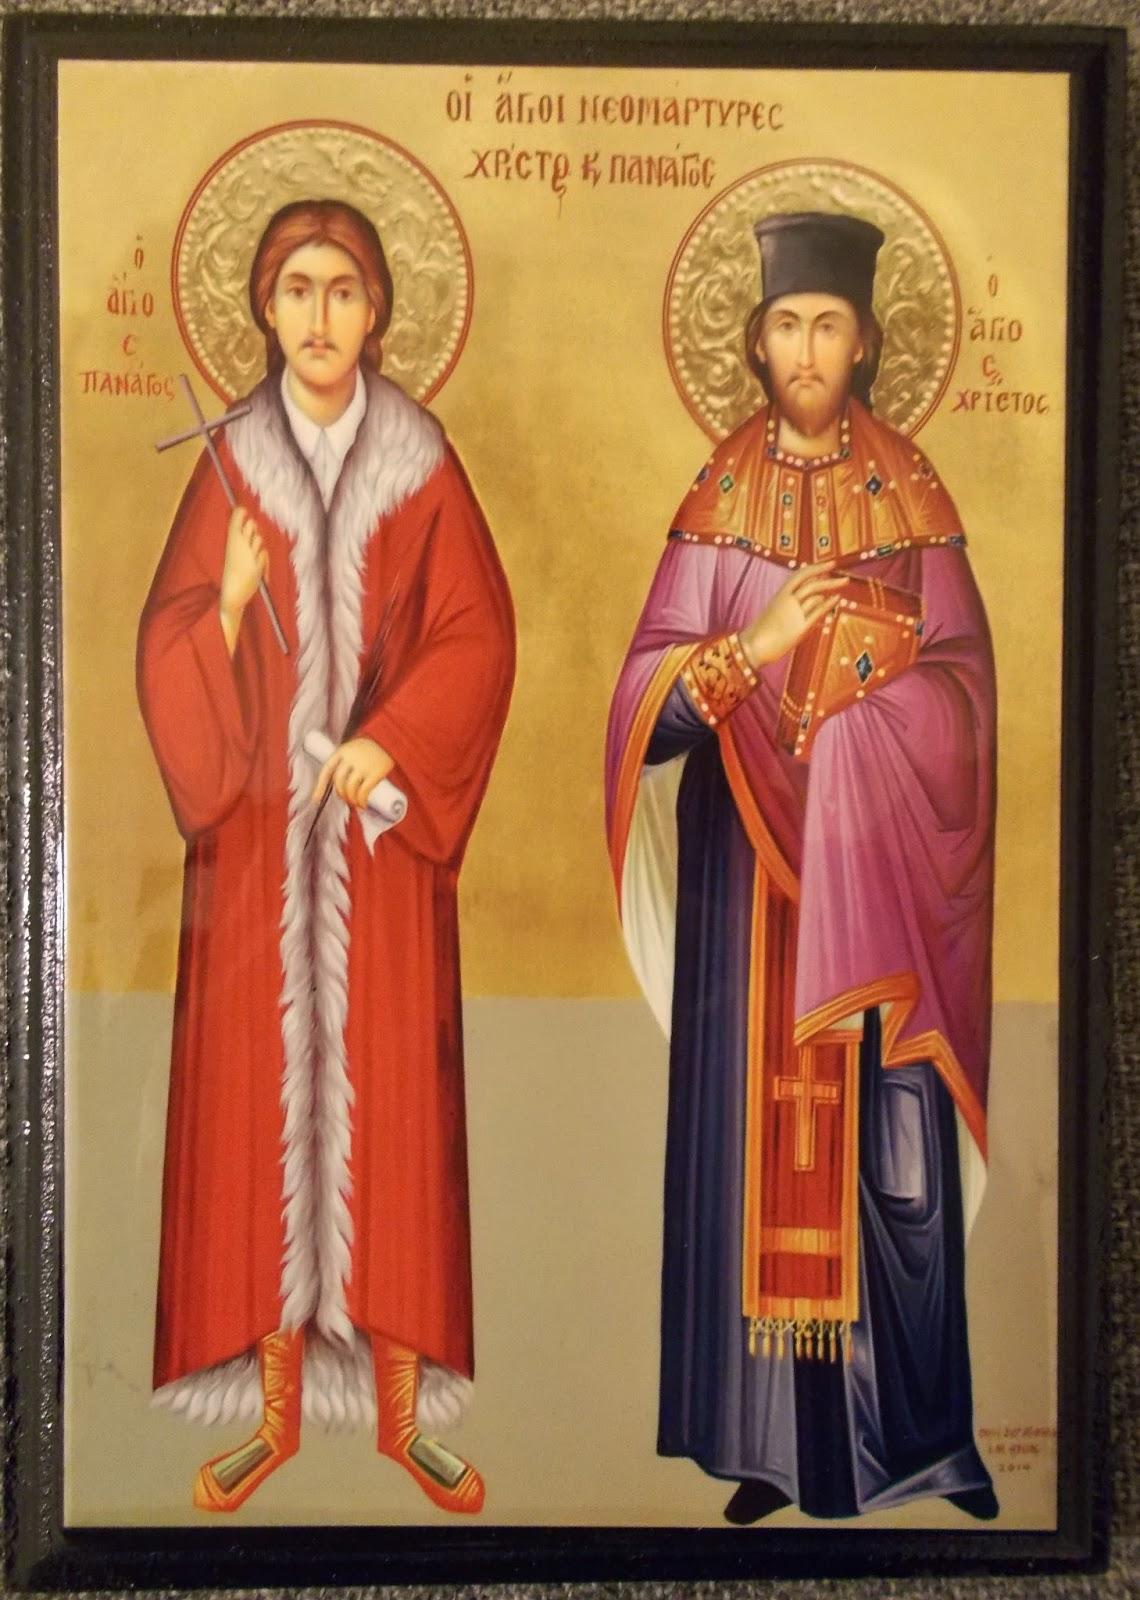 Τιμά αύριο η Ηλεία τους Νεομάρτυρές της Αγίους Χρίστο και Πανάγο | Odigos.gr